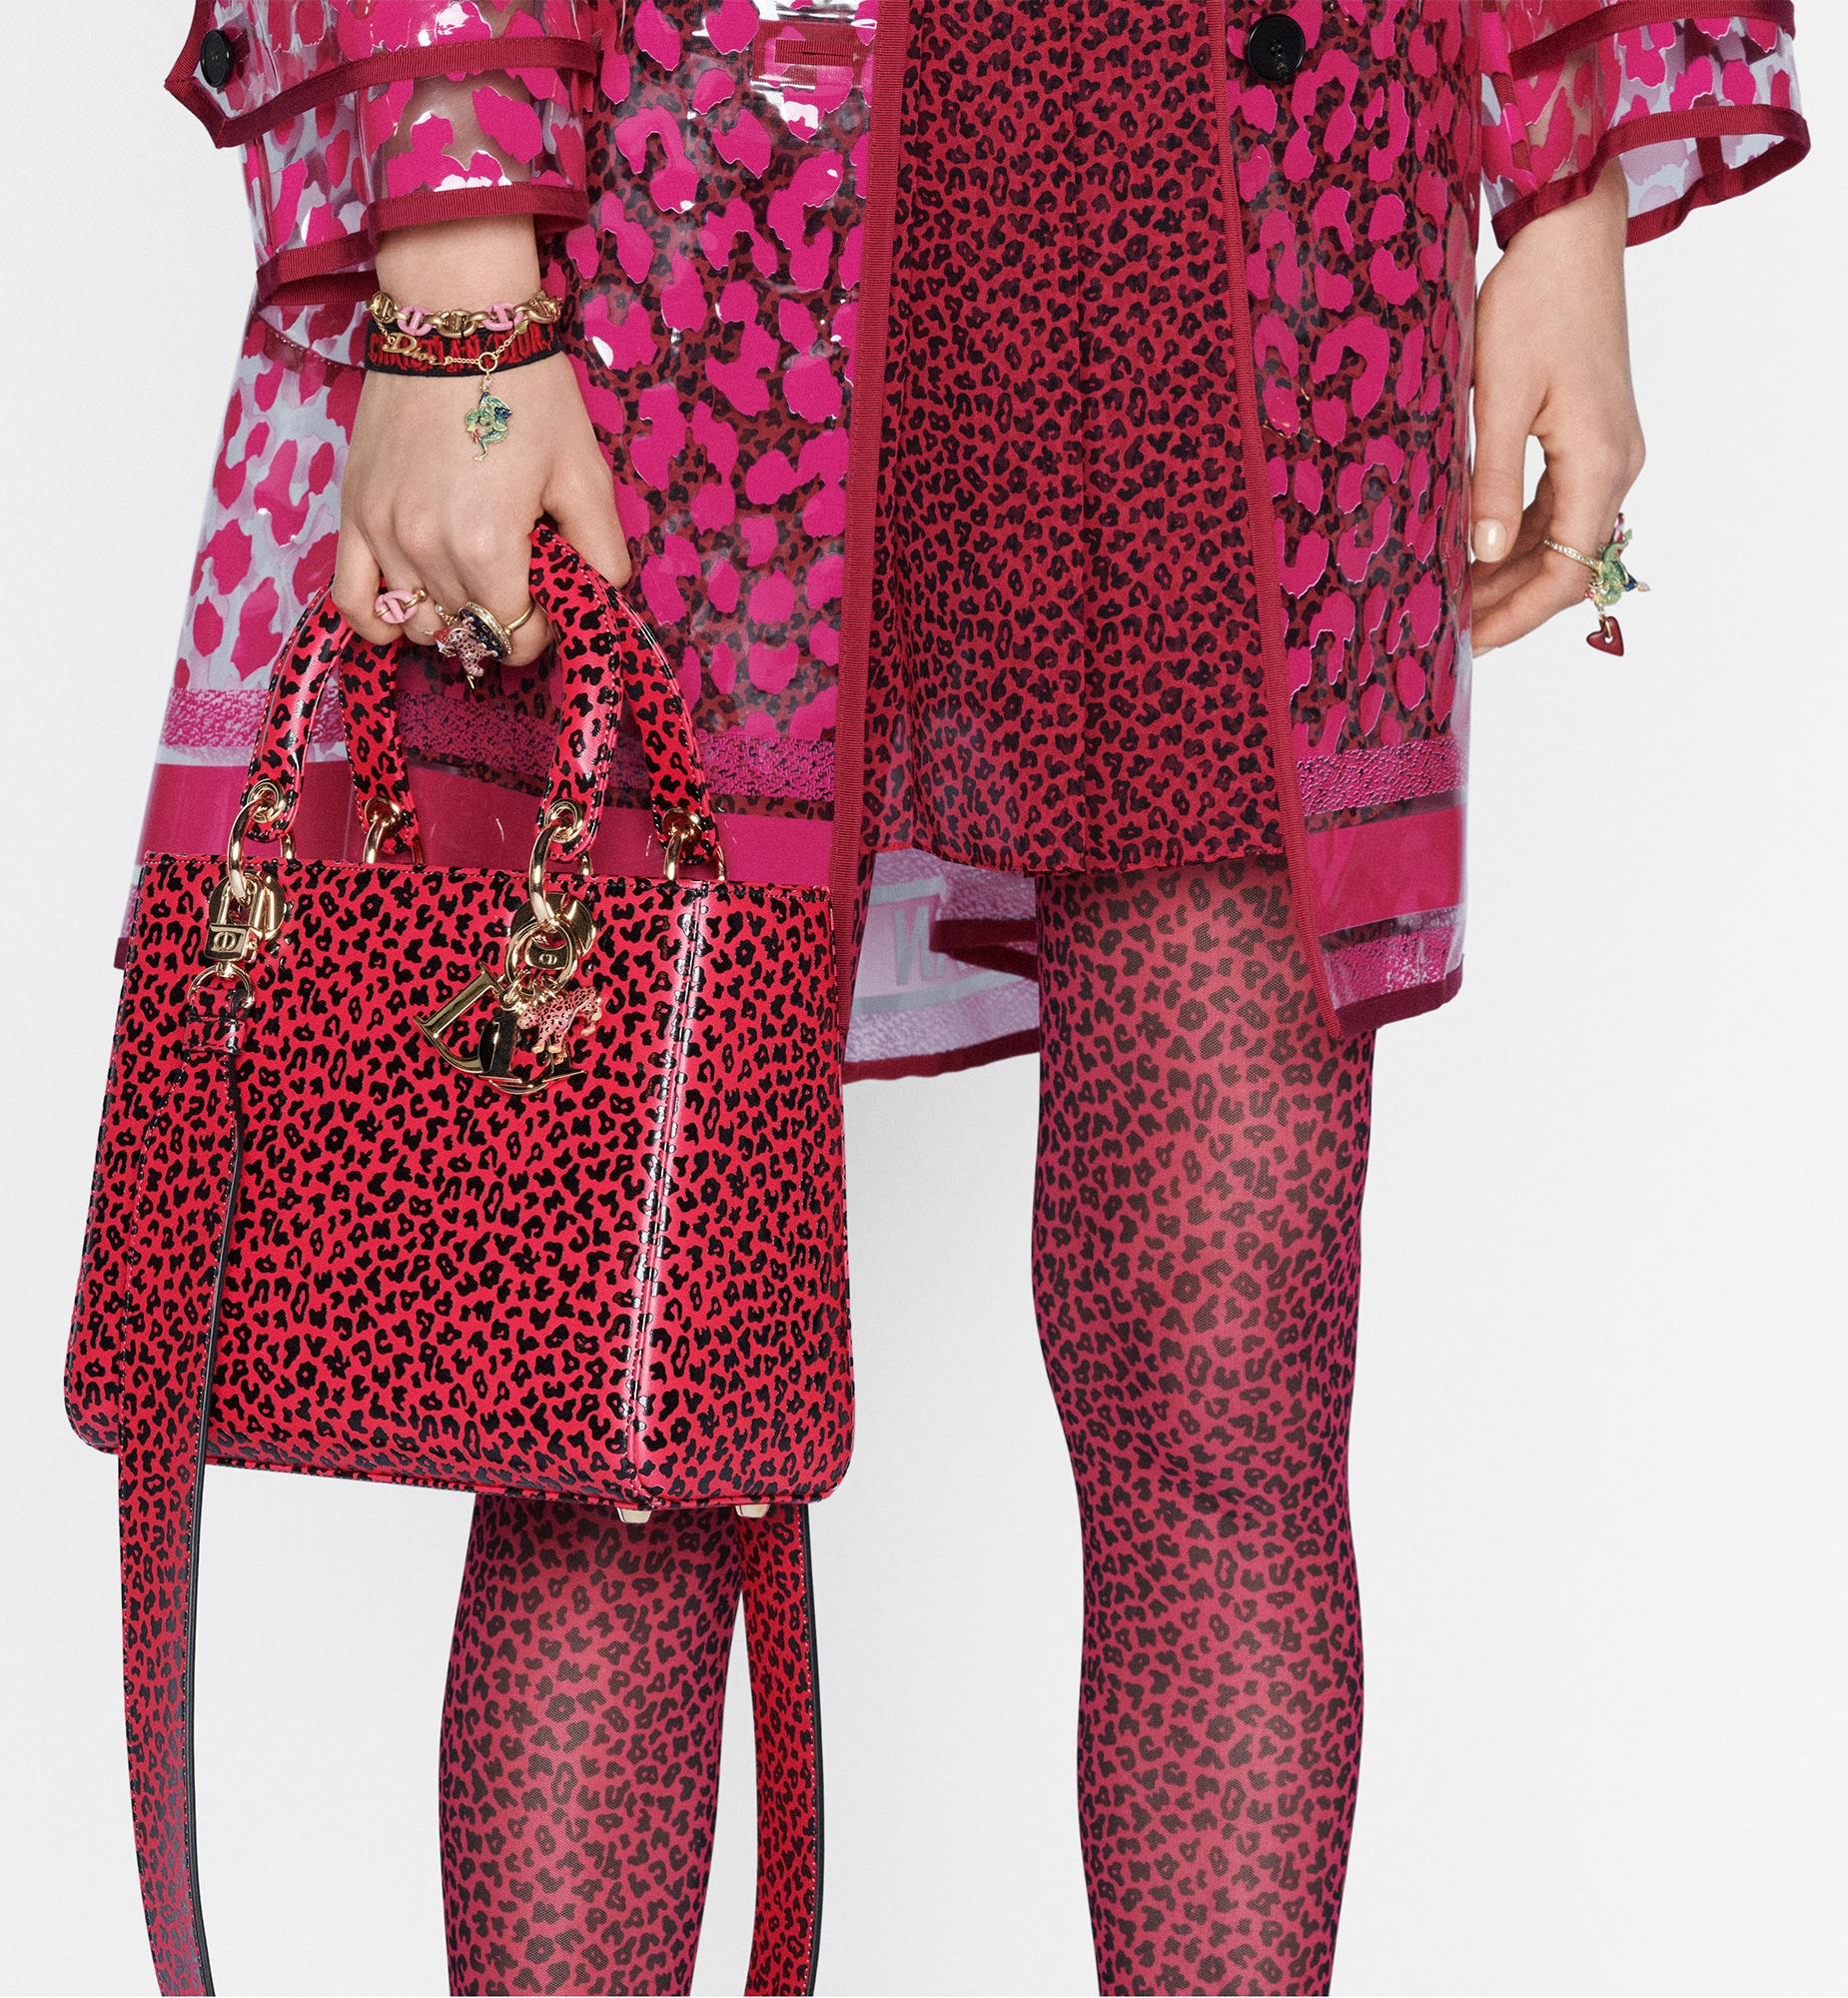 Mittelgroße Lady Dior Tasche aria_wornViewCropped aria_openGallery